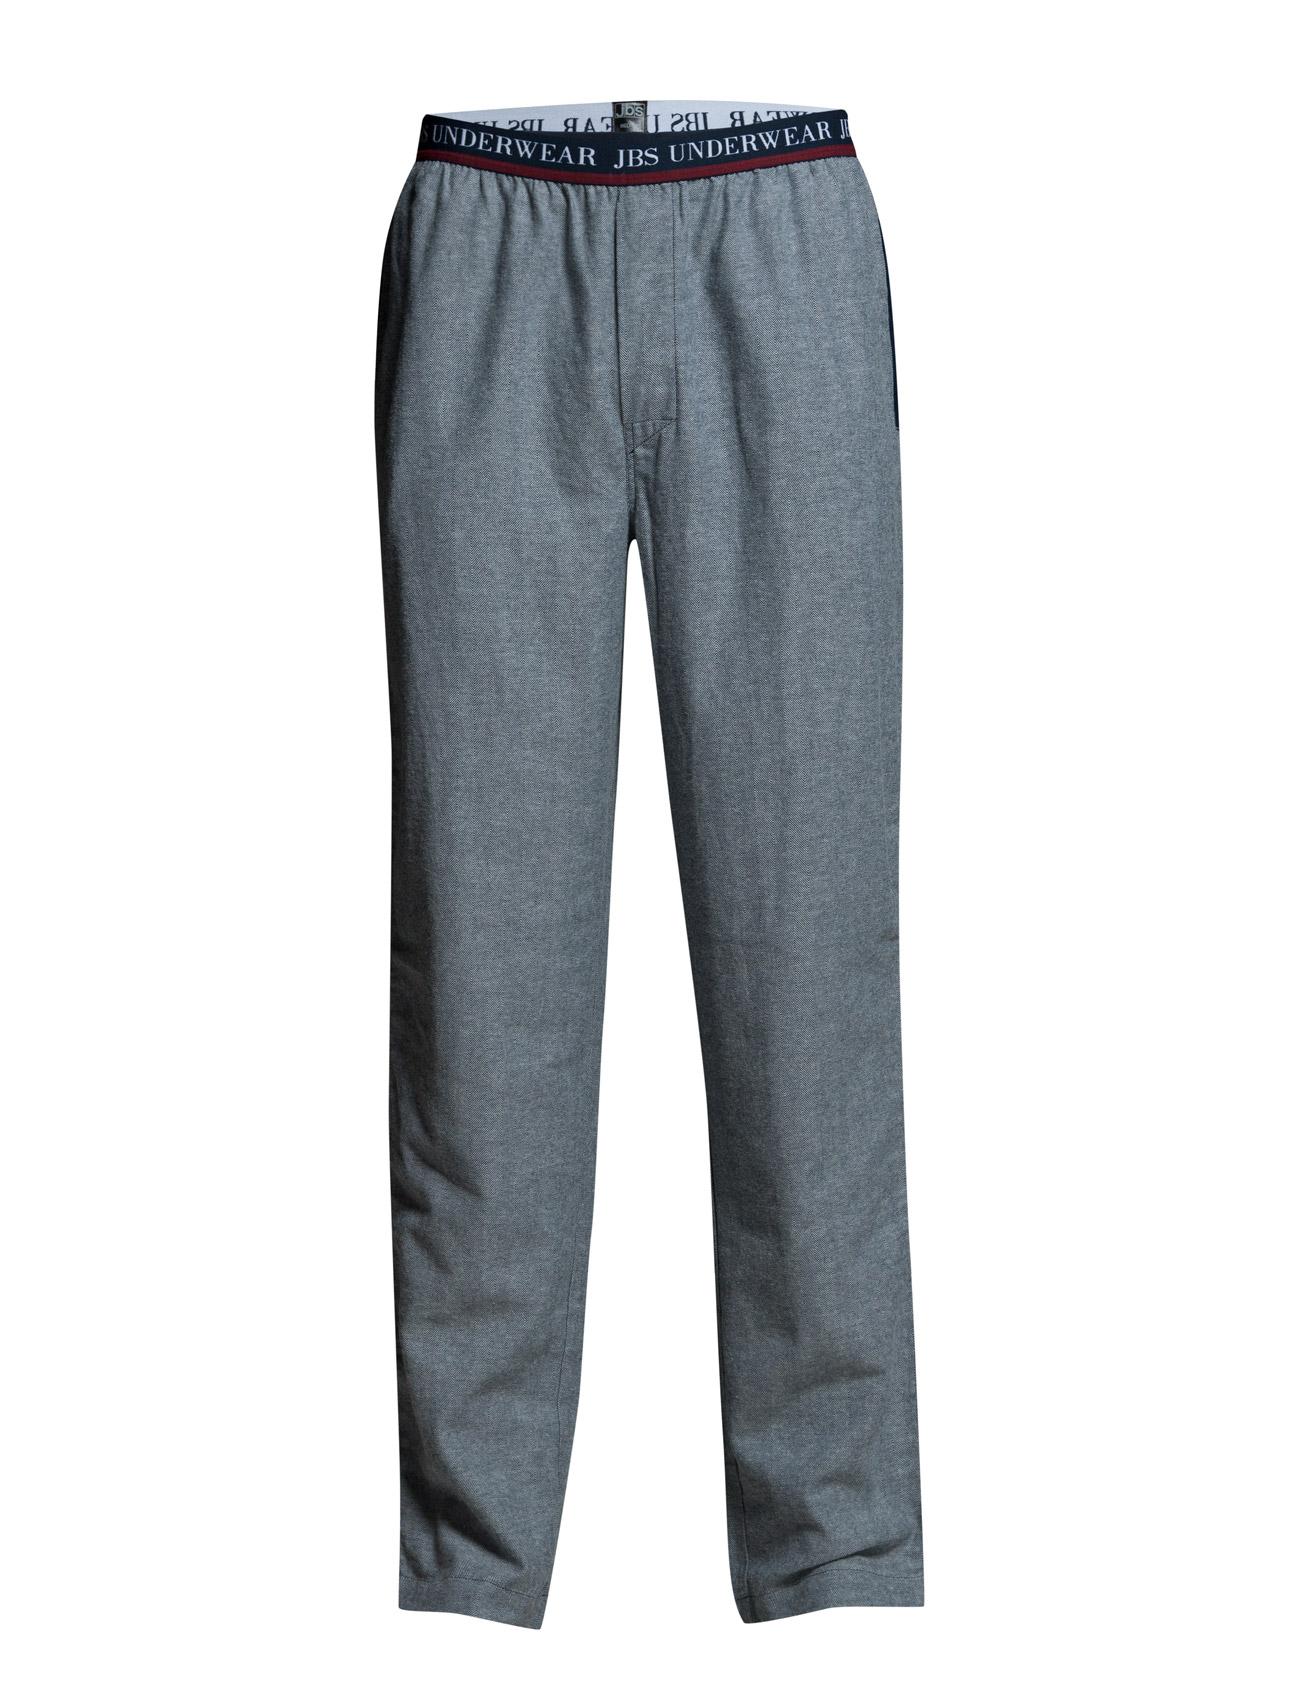 JBS JBS, pajama pants